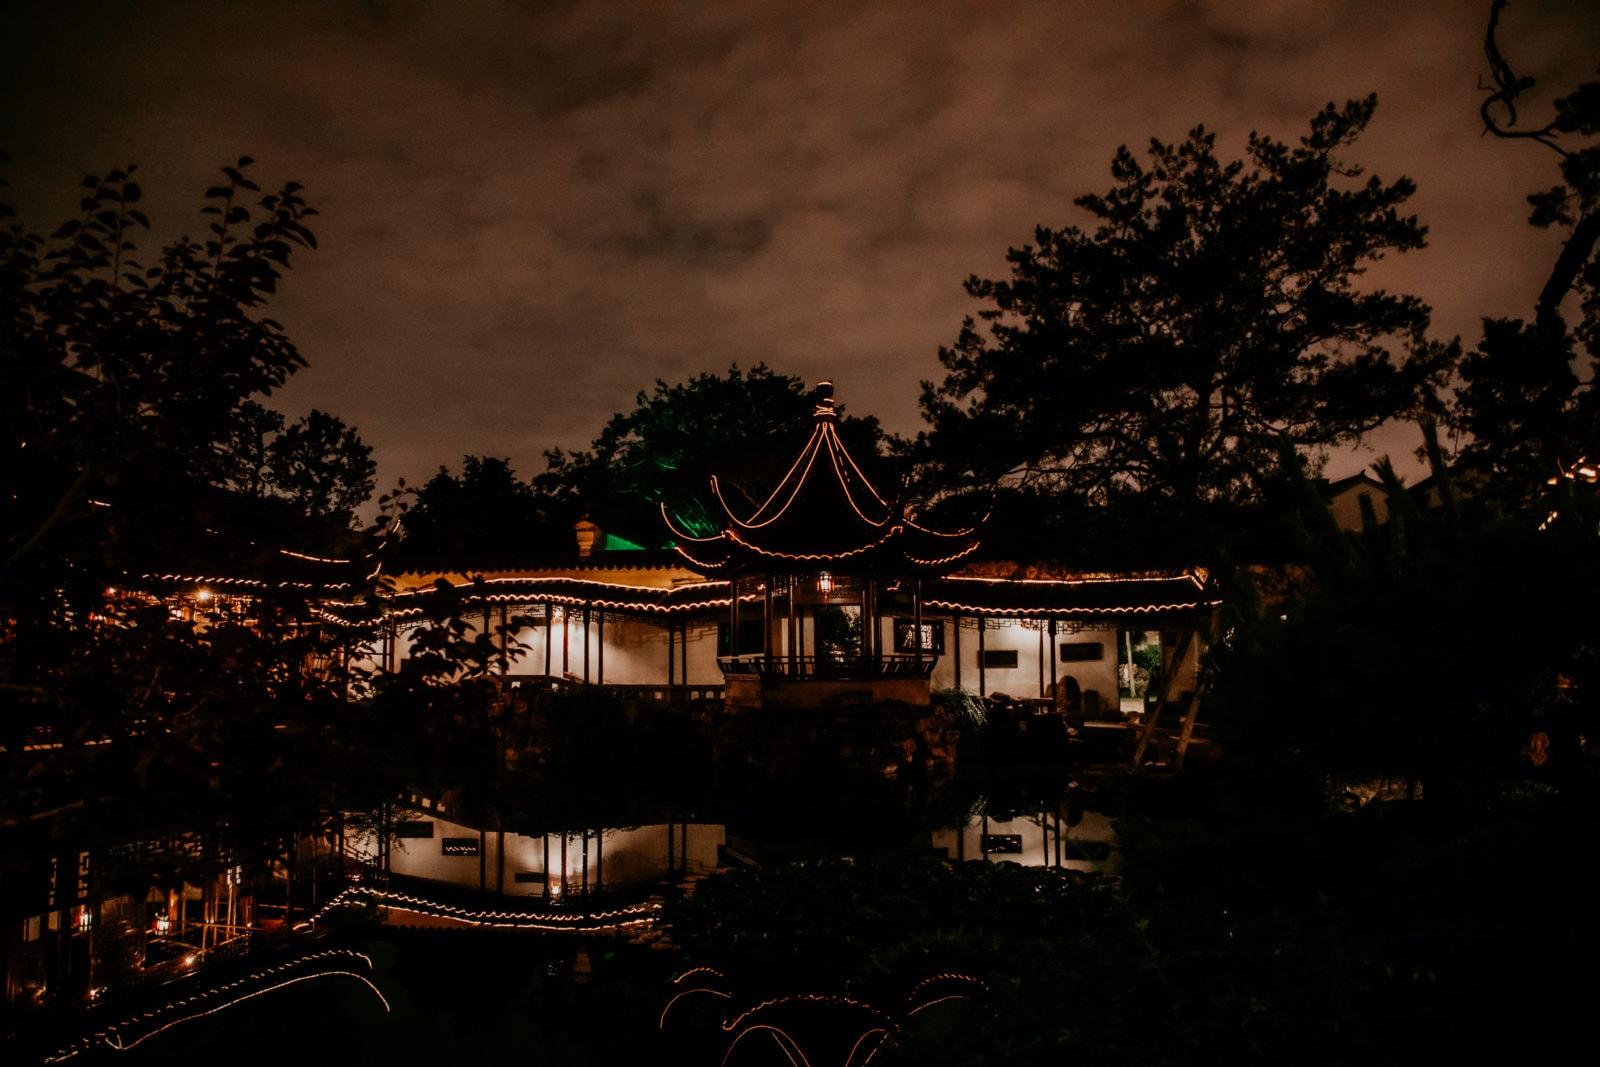 Suzhou Sehenswürdigkeiten Oper im Garten des Meister der Netze